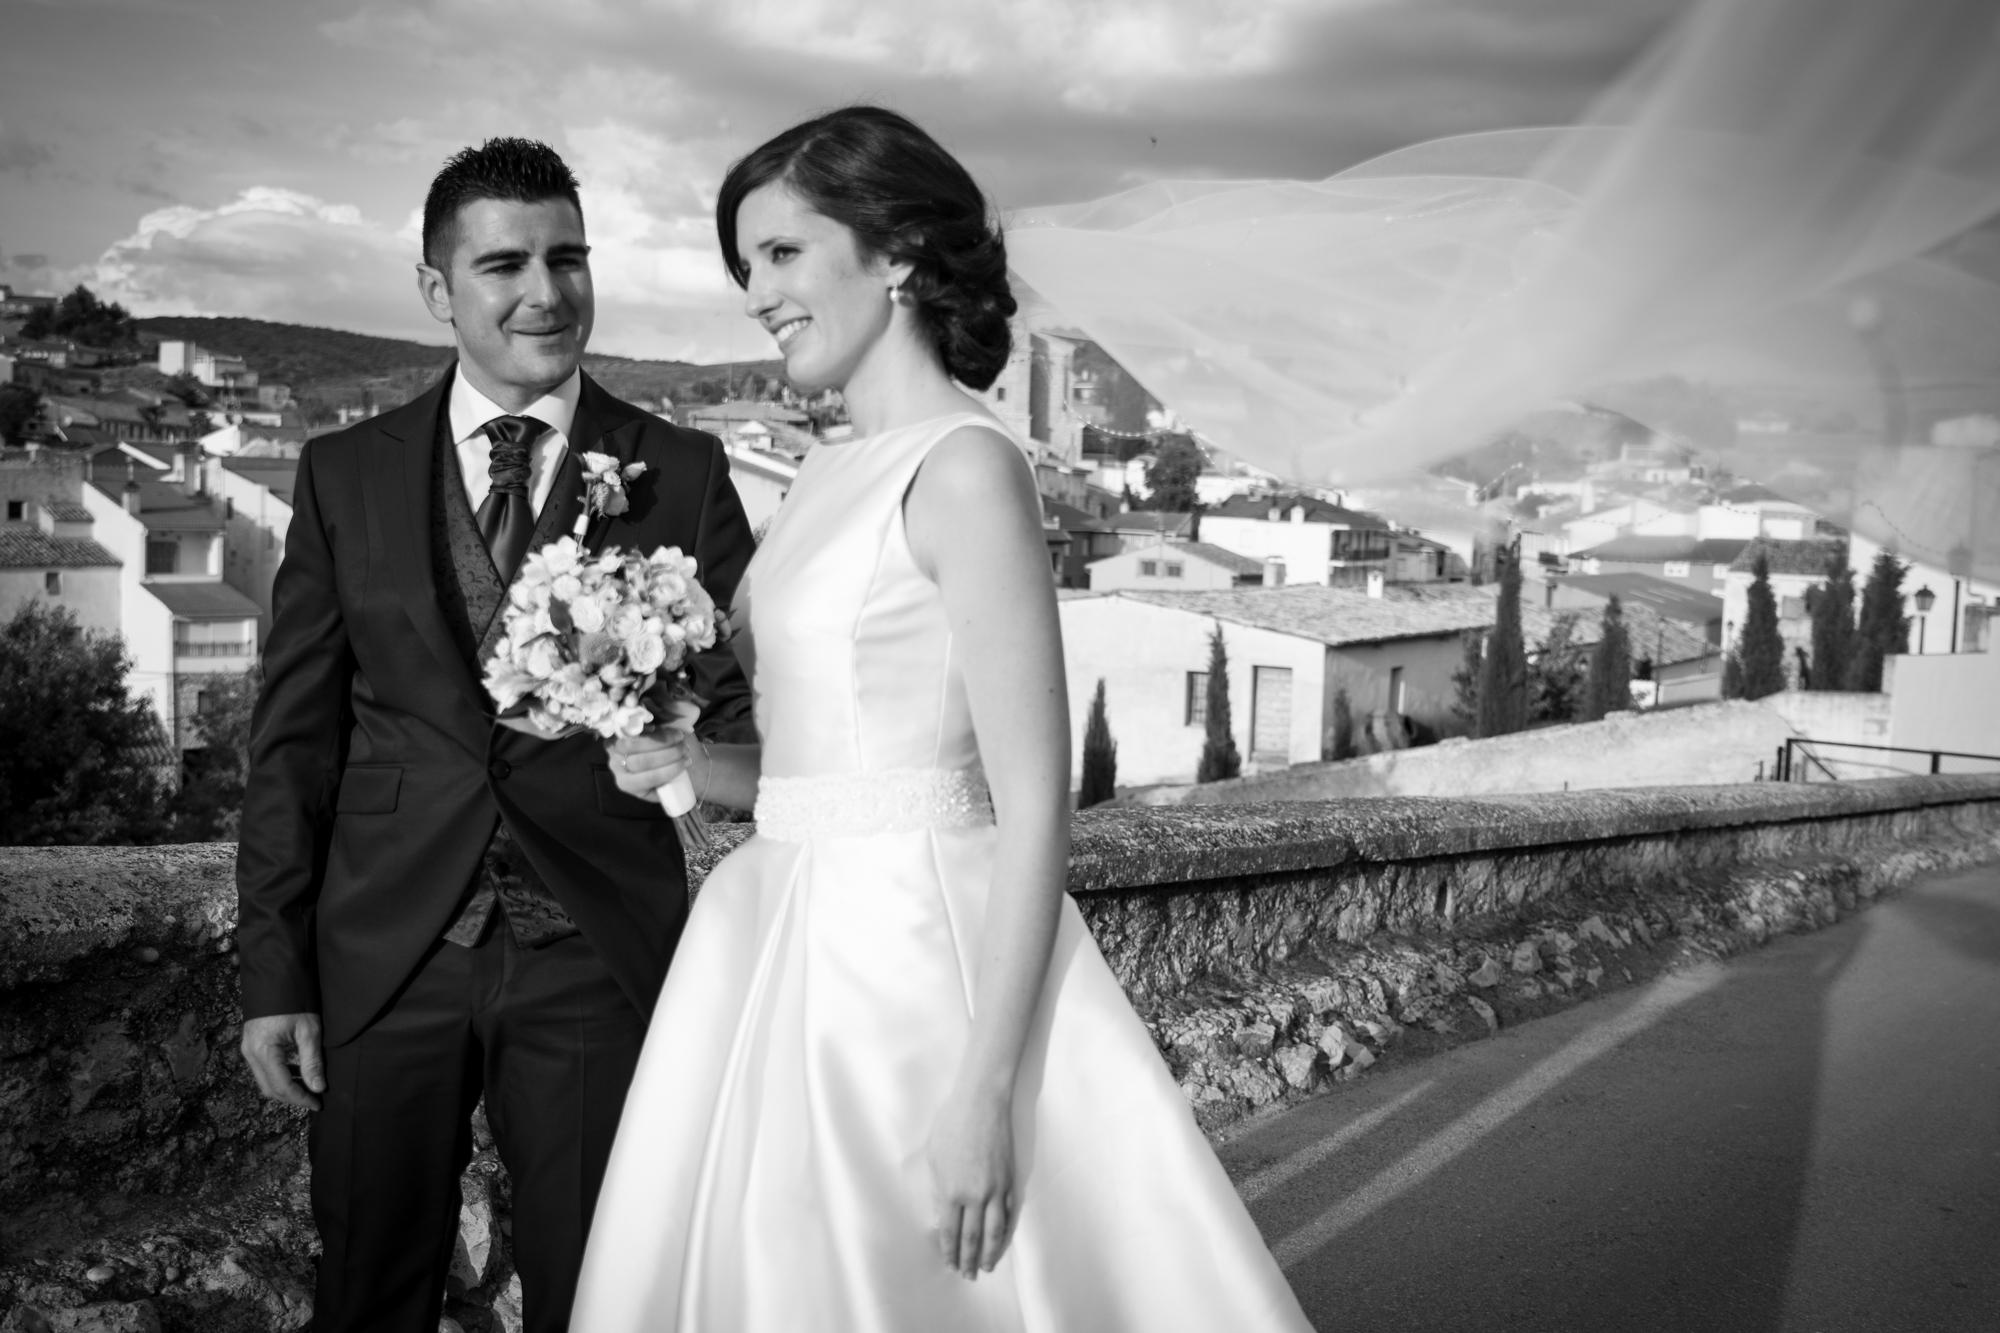 fotografia-de-boda-blanco y negro.jpg